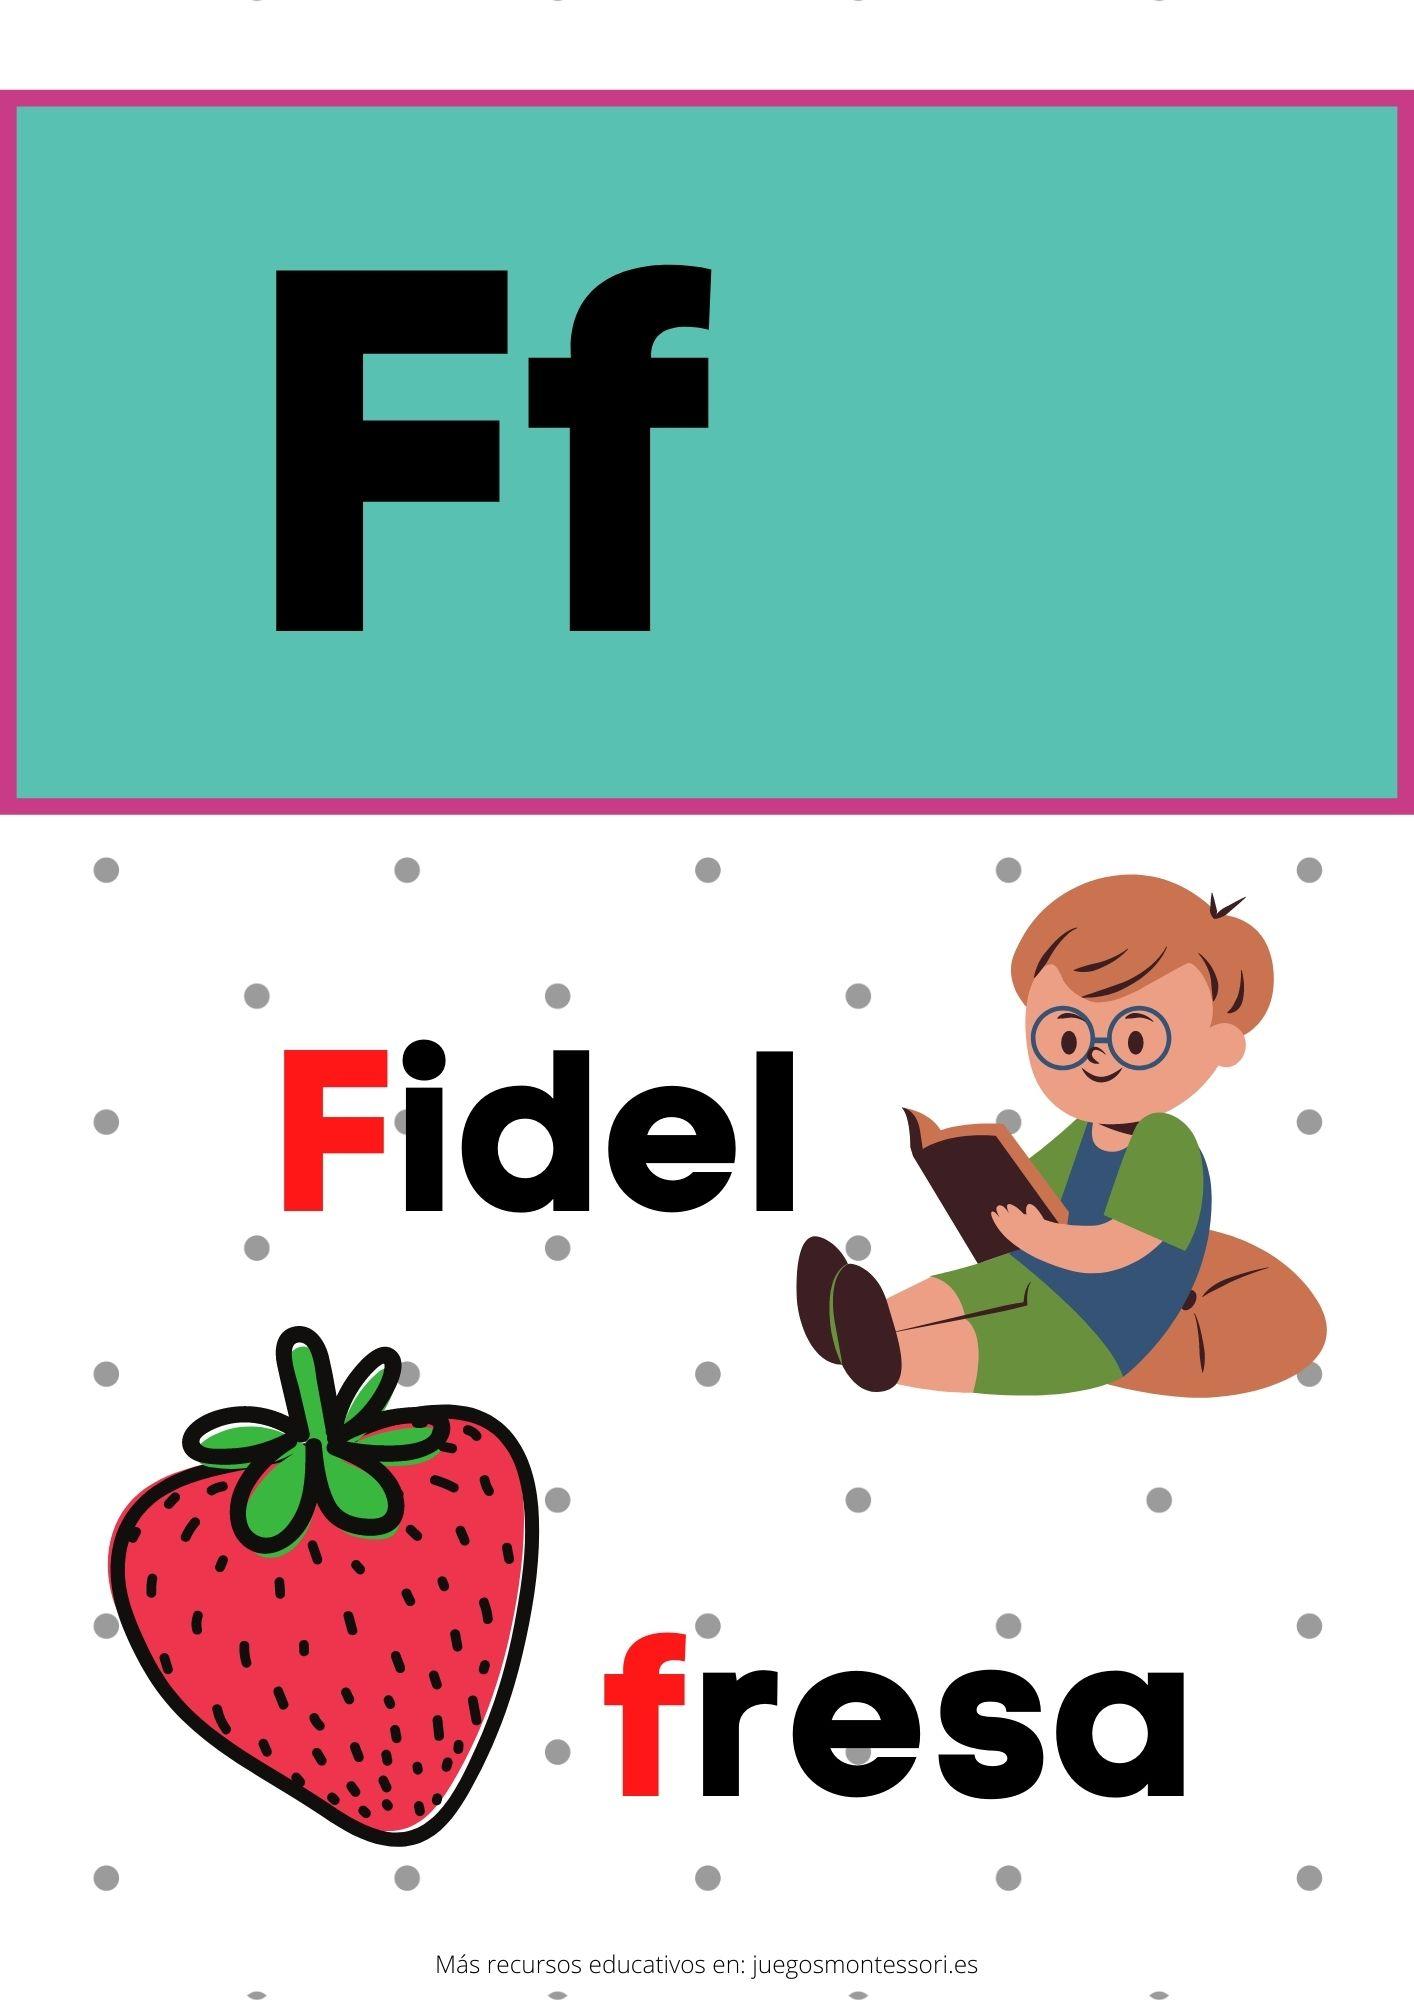 F abecedario letras separadas y grandes